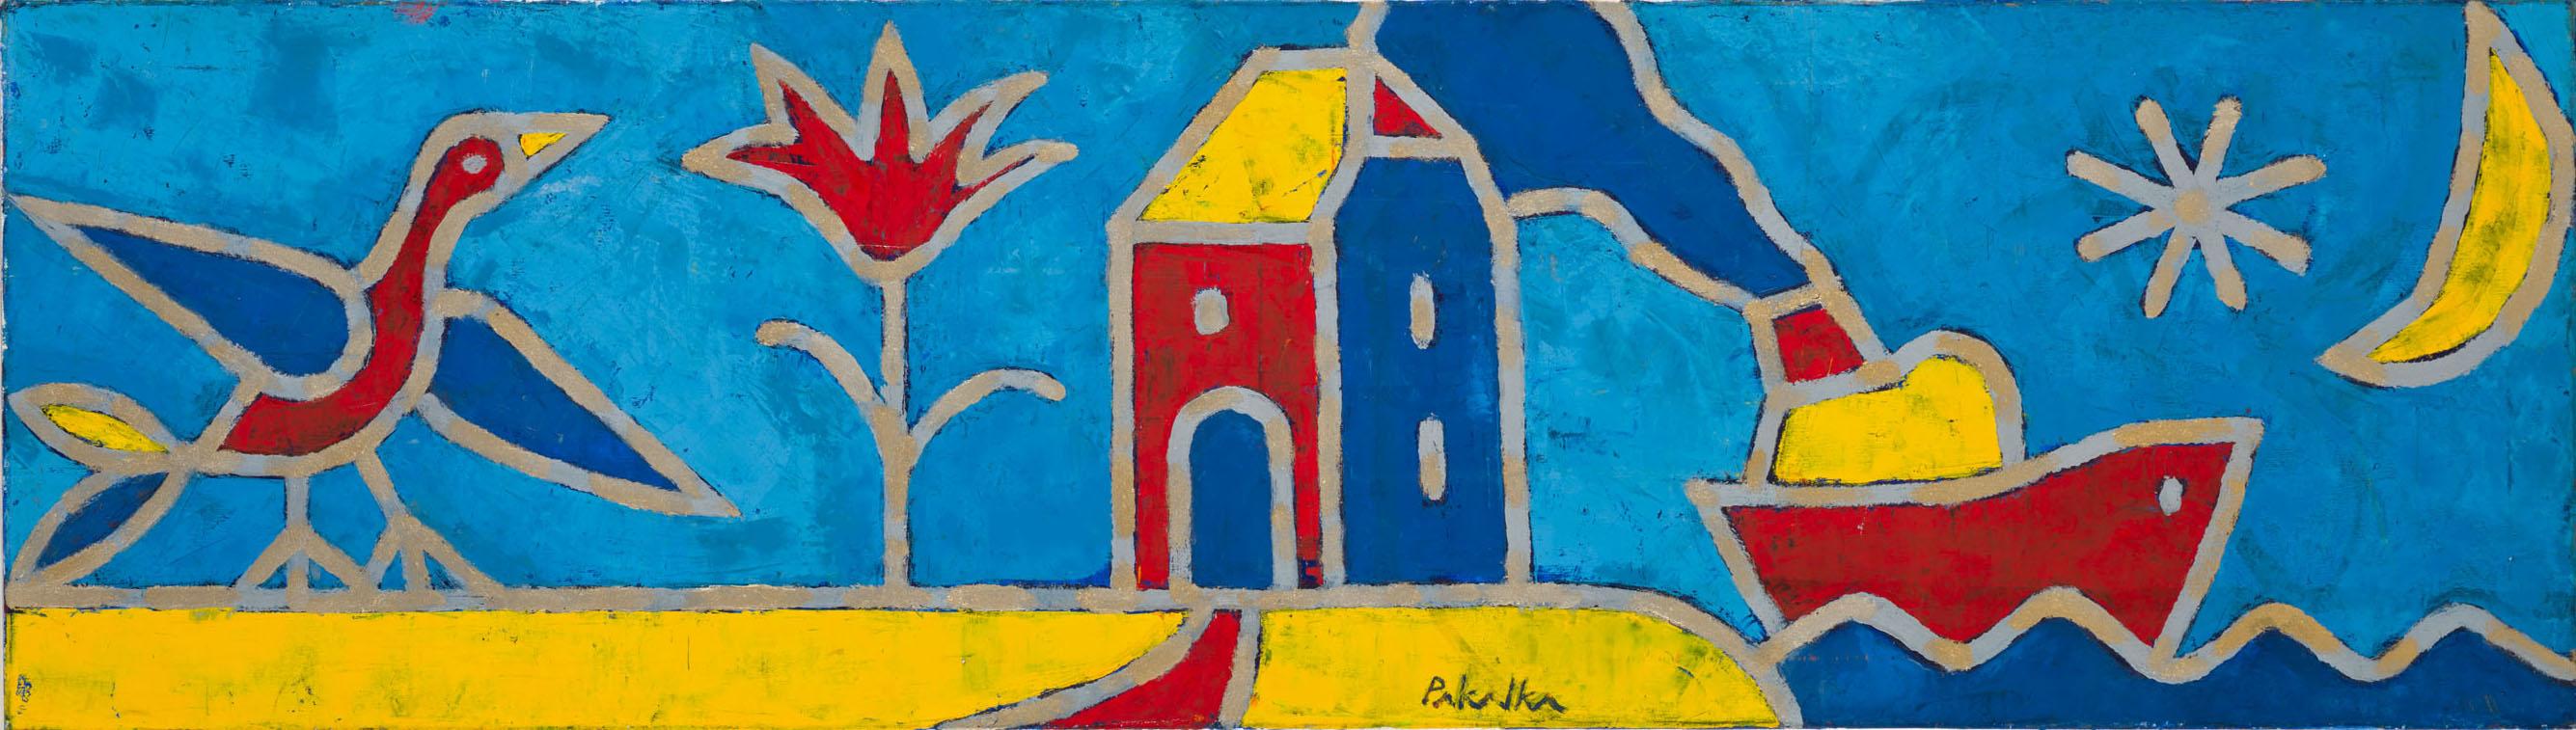 """Arvydas Pakalka. """"Pasaulis"""", drobė, aliejus, 40 x140, 2006"""